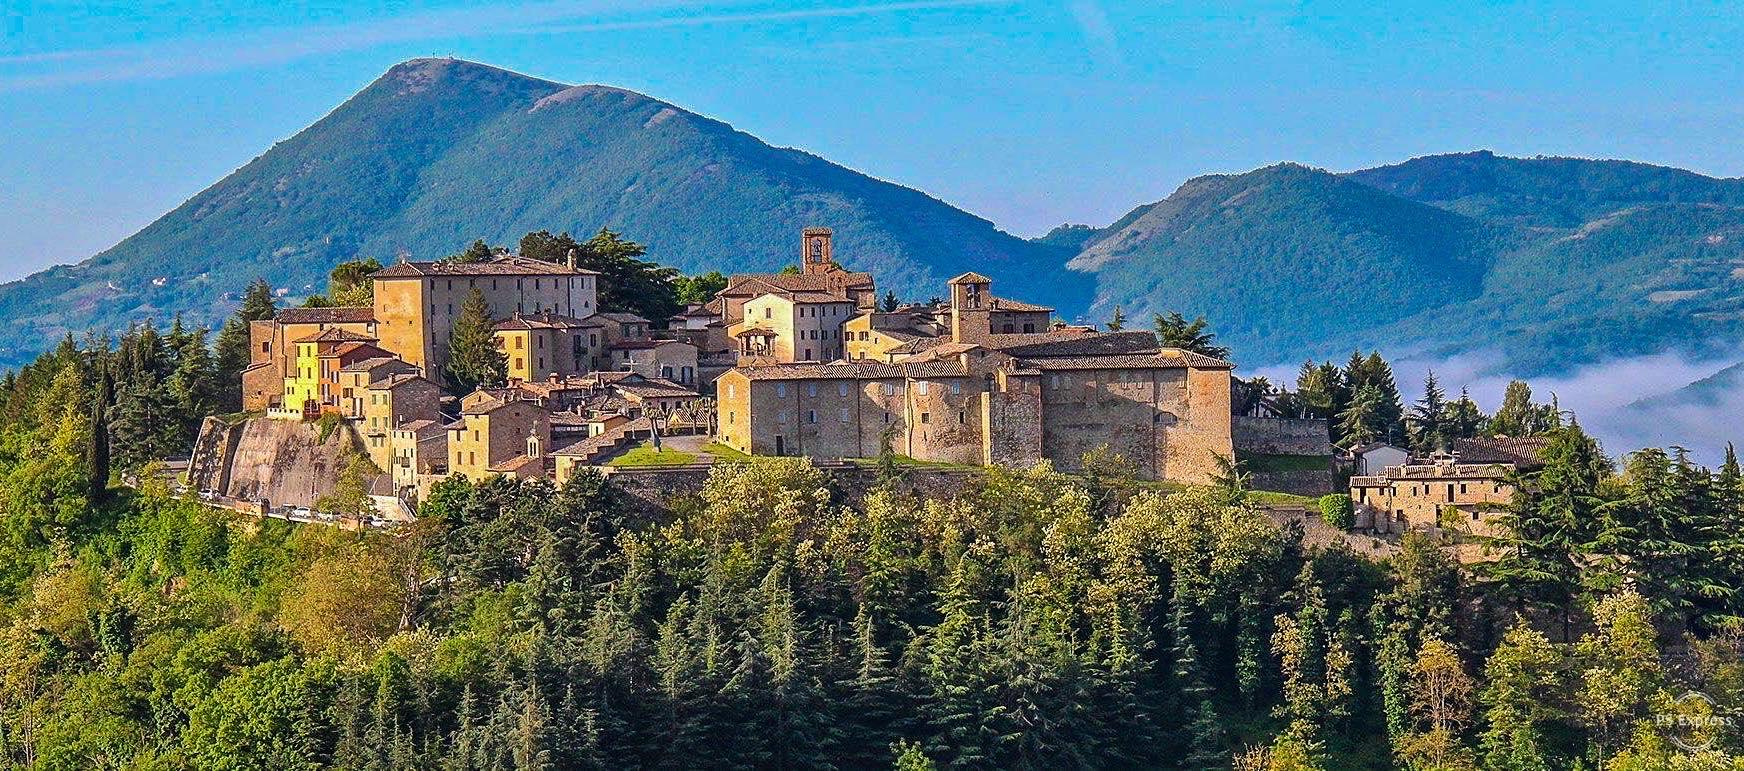 Montone – Il Consiglio comunale ha approvato il bilancio di previsione 2021-2023